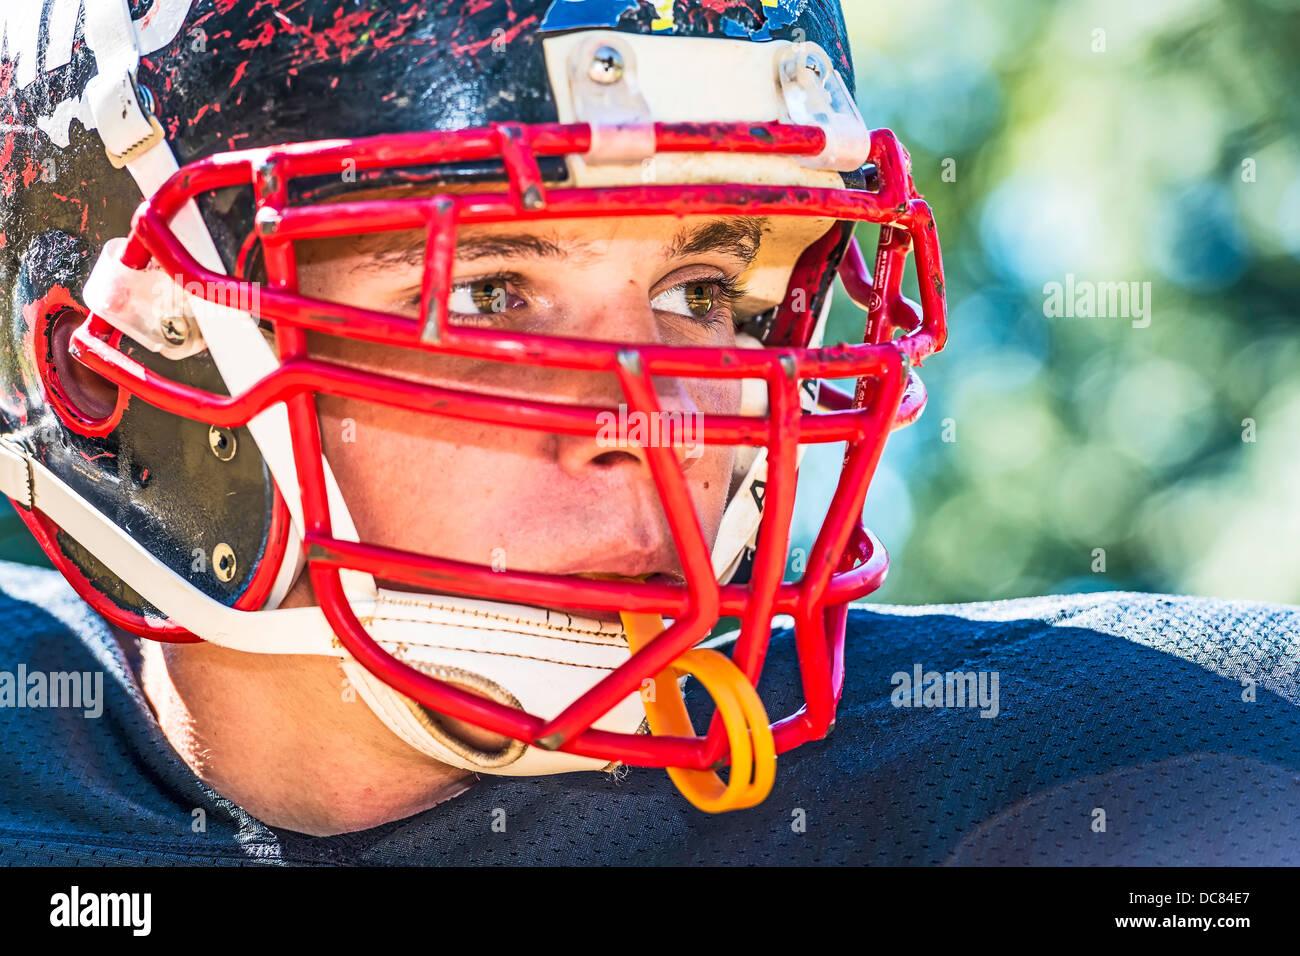 Ritratto di un giocatore di football americano con un approccio fortemente indossato casco Immagini Stock